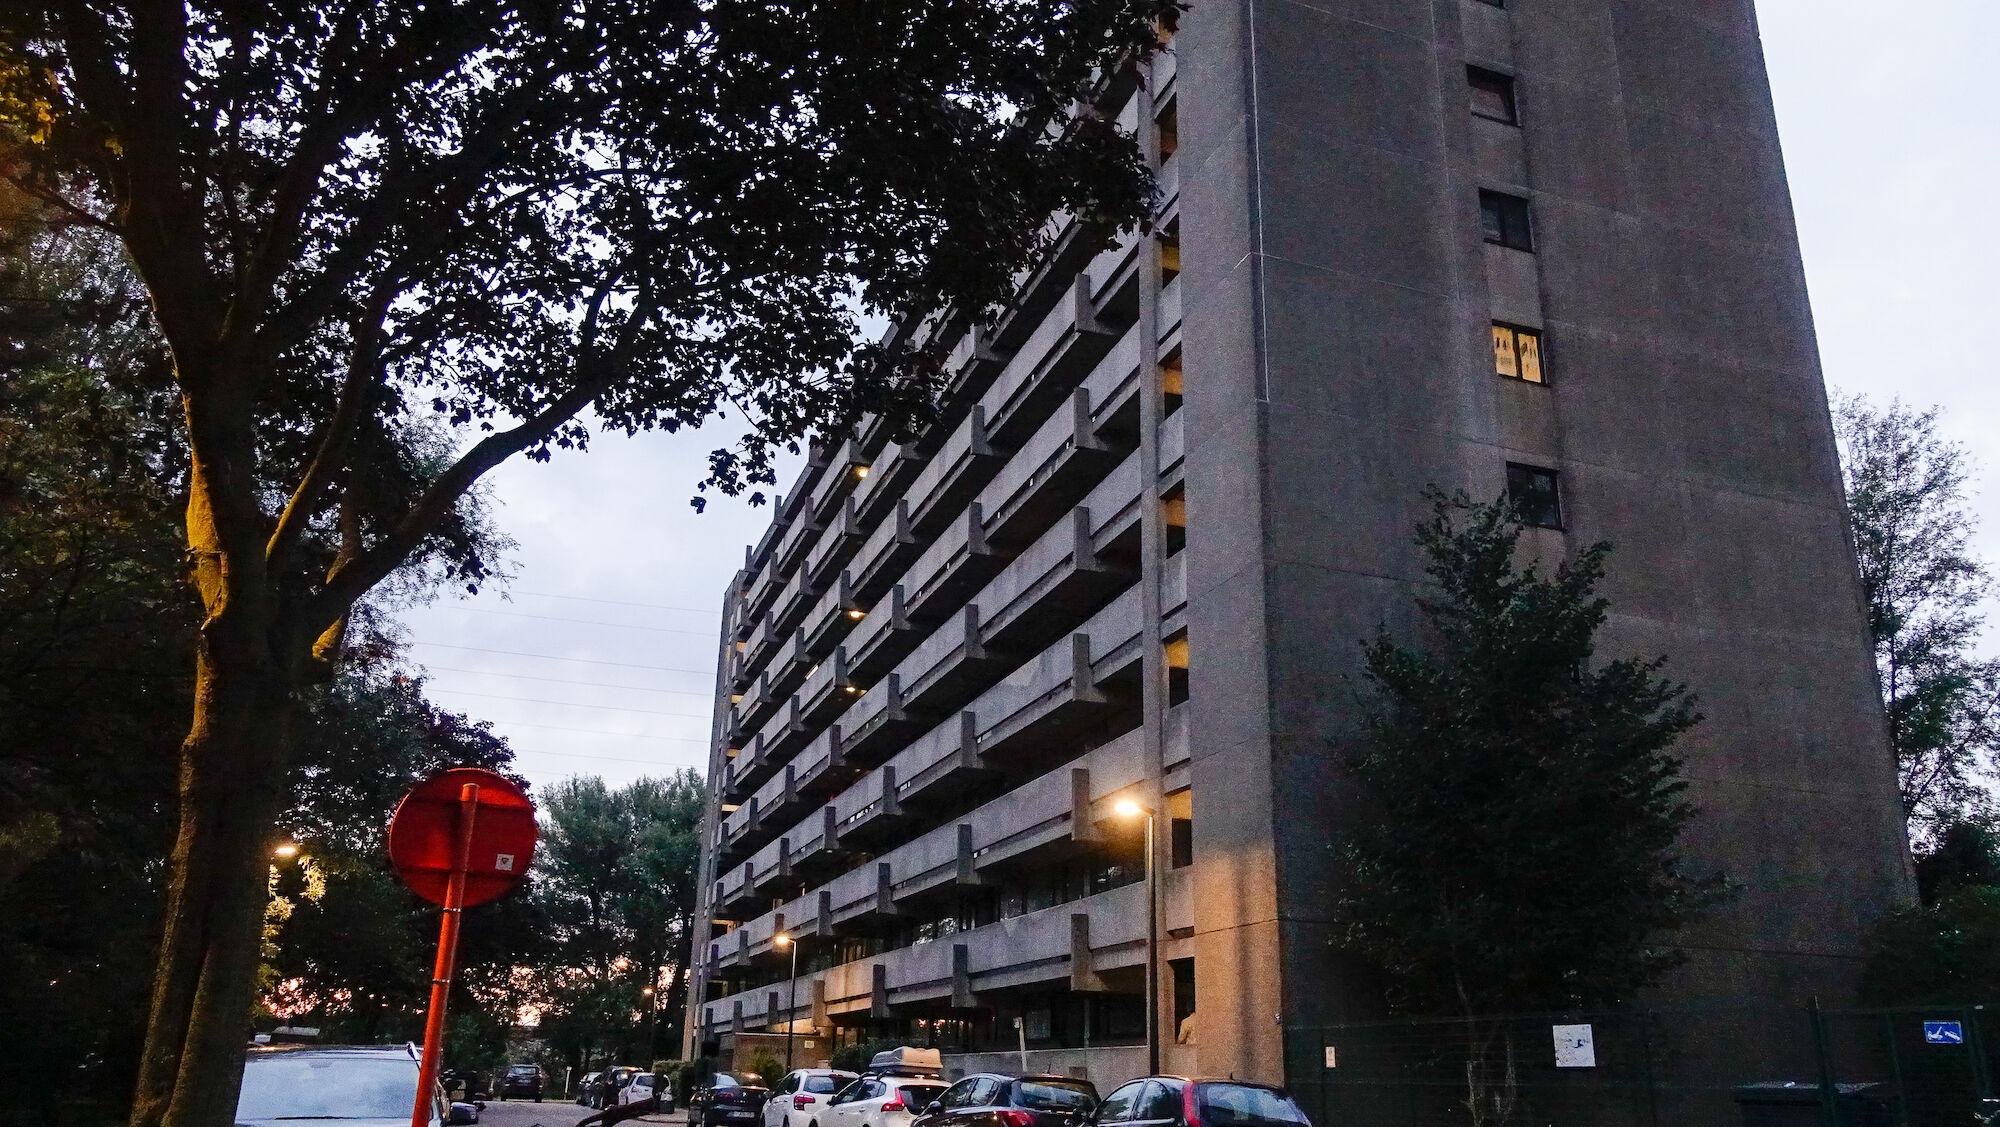 2020-09-02 Wijk 10 Afrikalaan Scandinaviestraat Appartementen_DSC0889.jpg